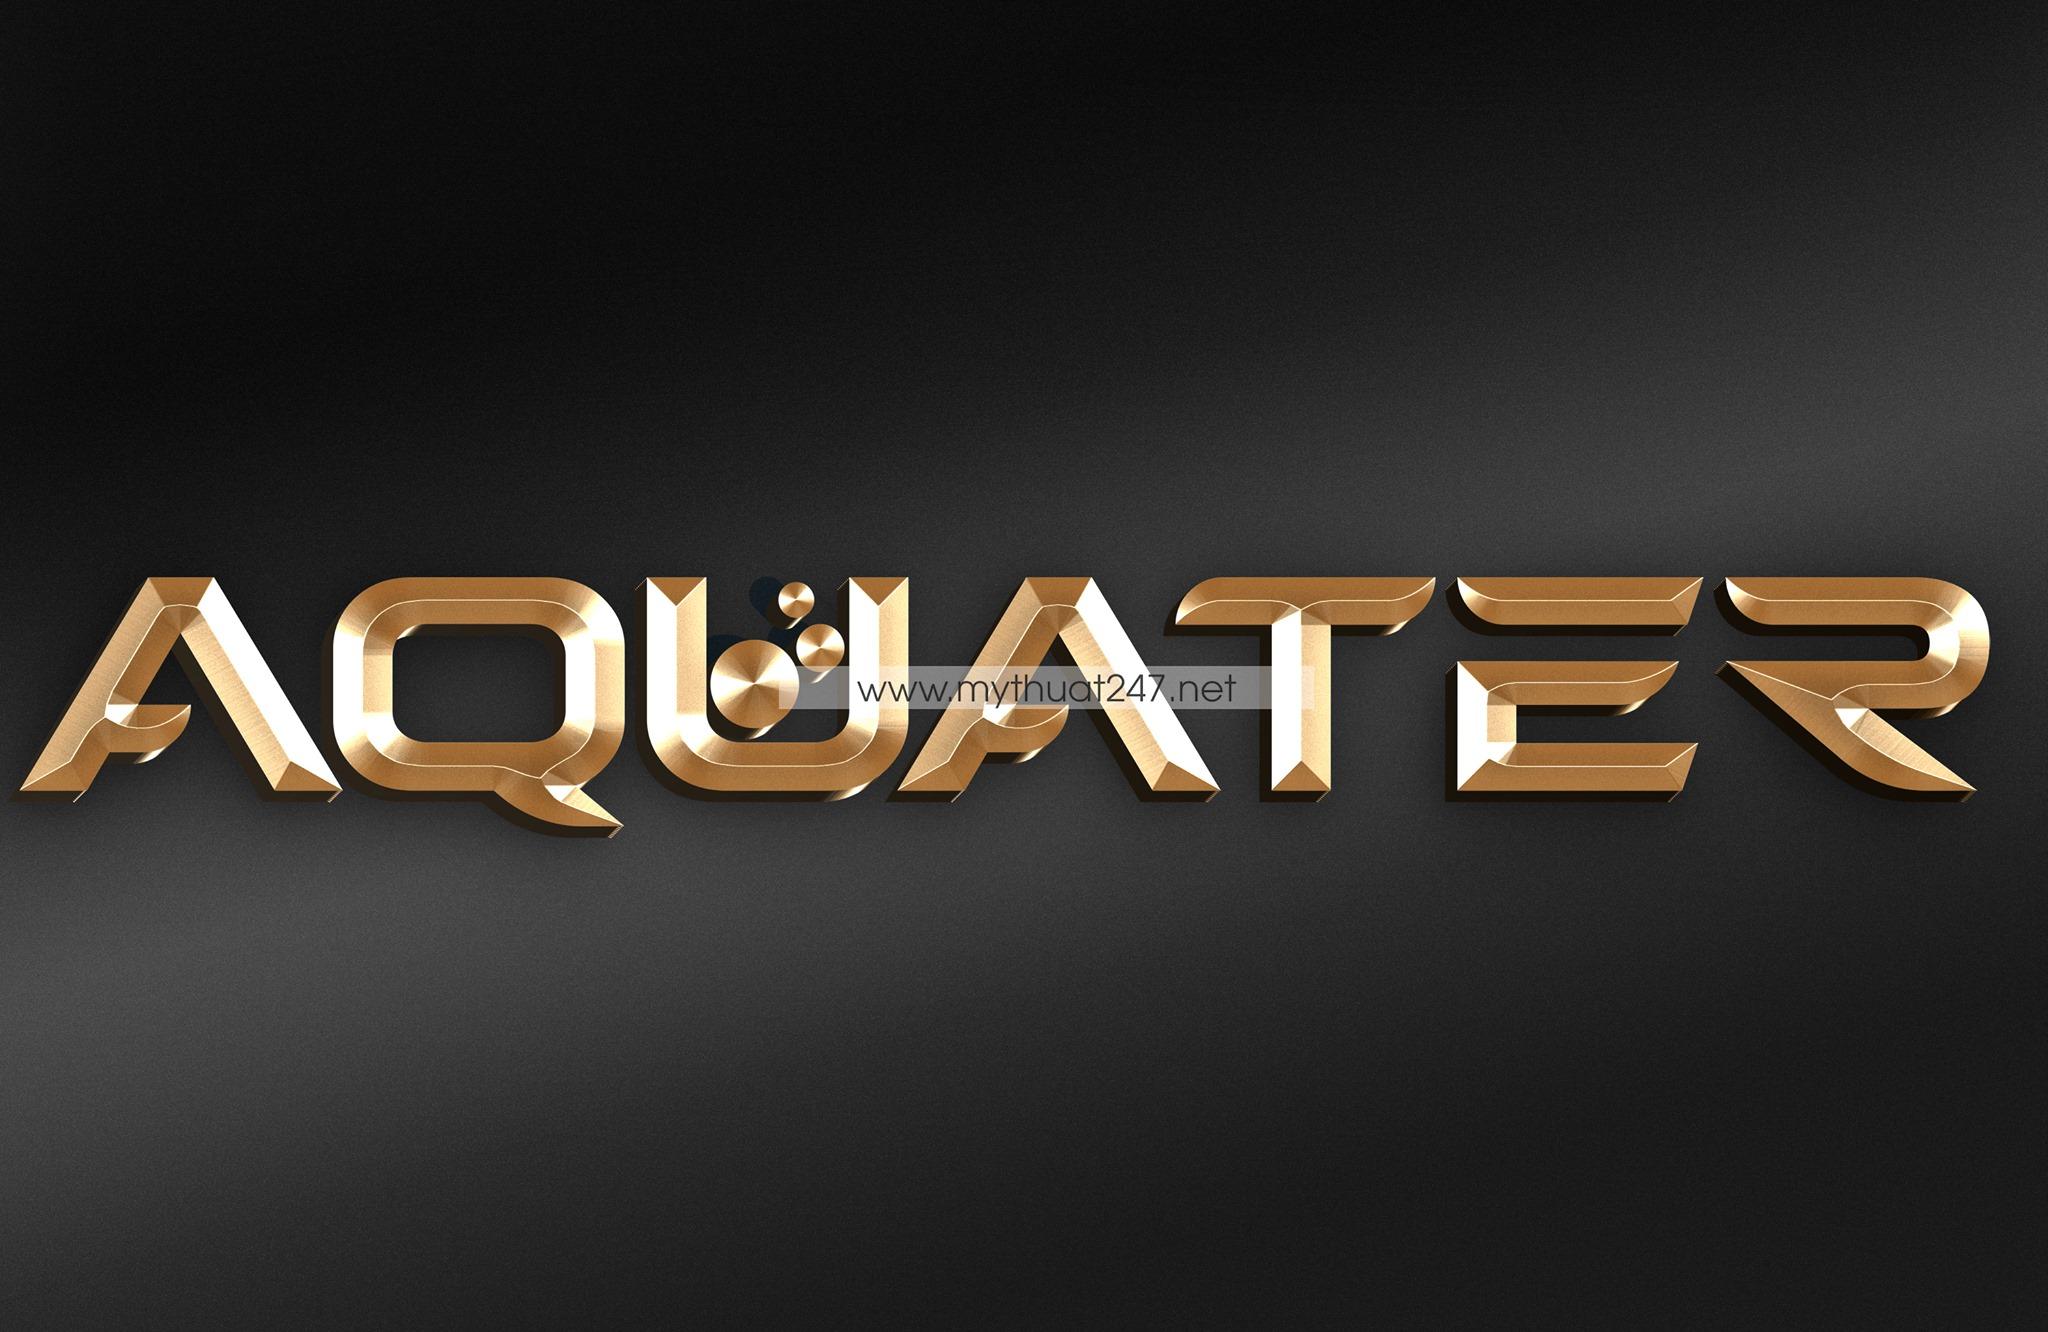 Thiết kế logo nước uống Aquater